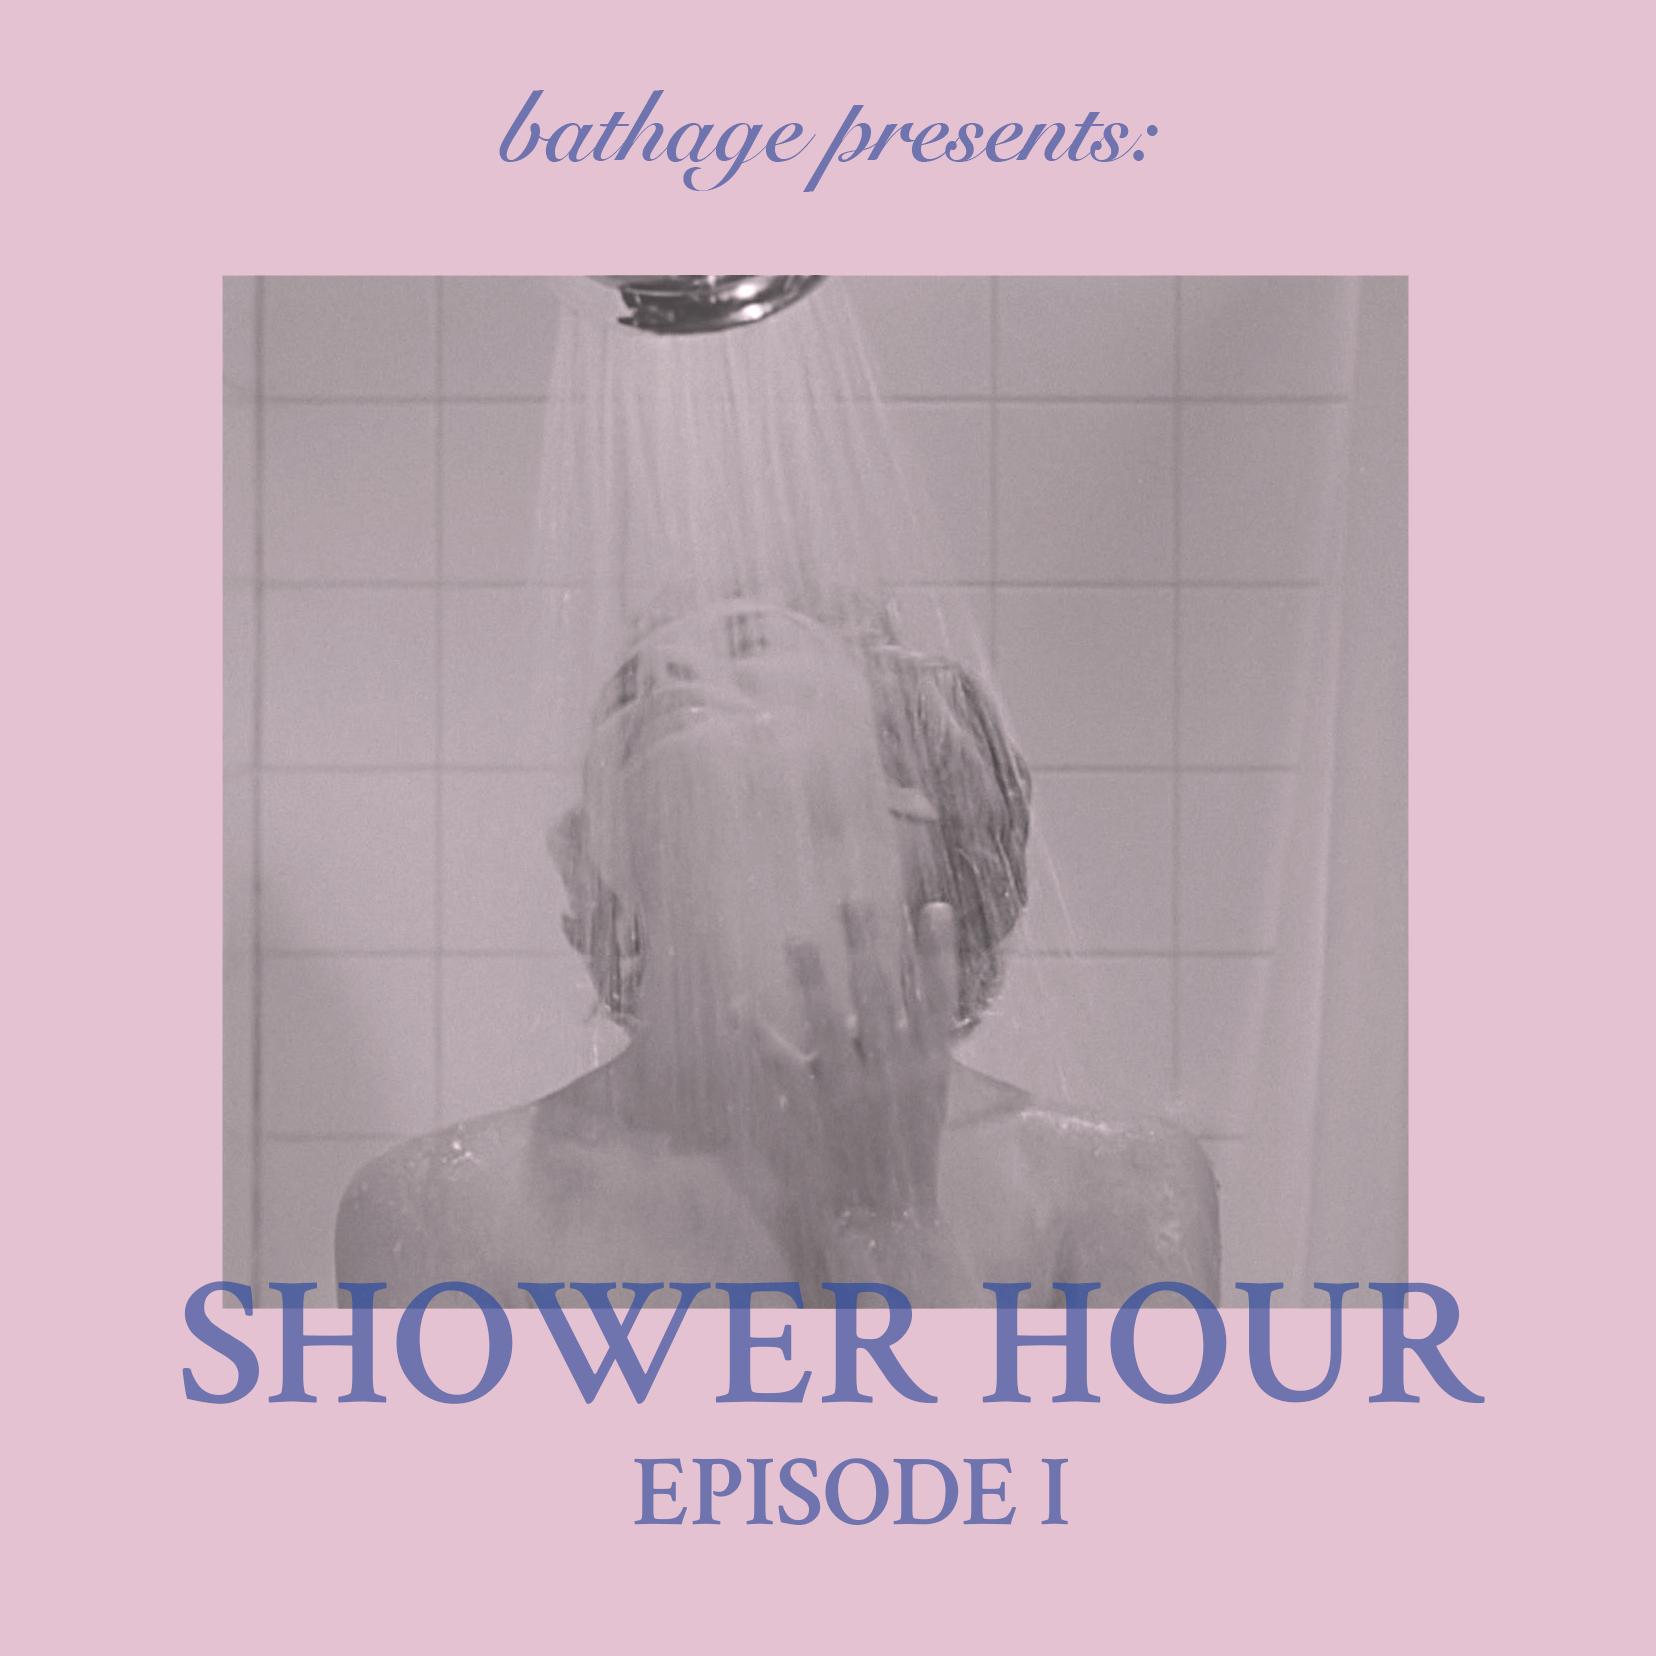 showerhourepisode1.png